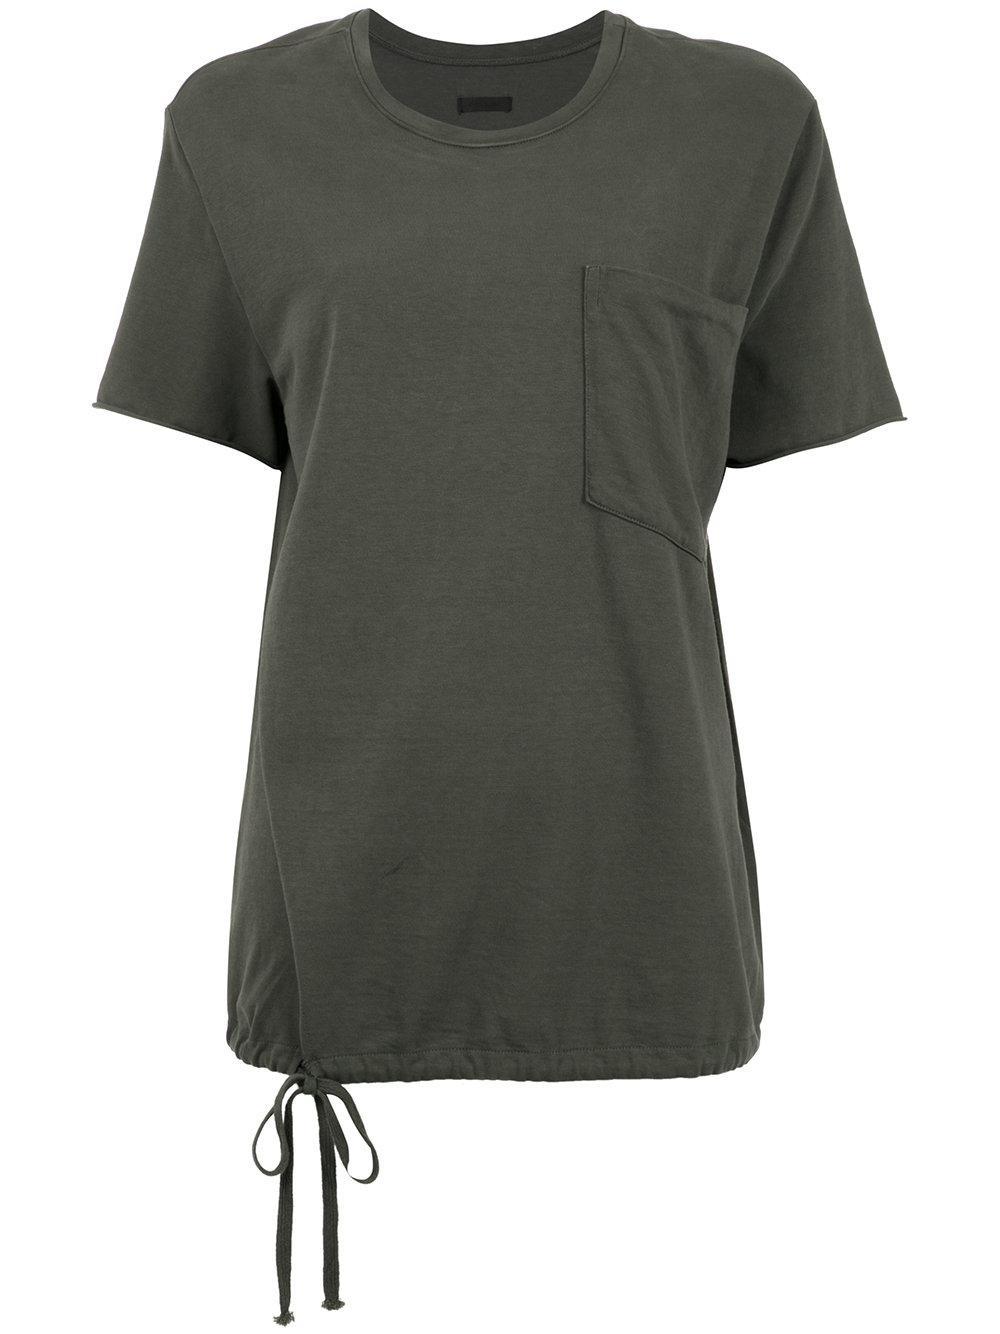 Osklen Bottom Blouse - Green